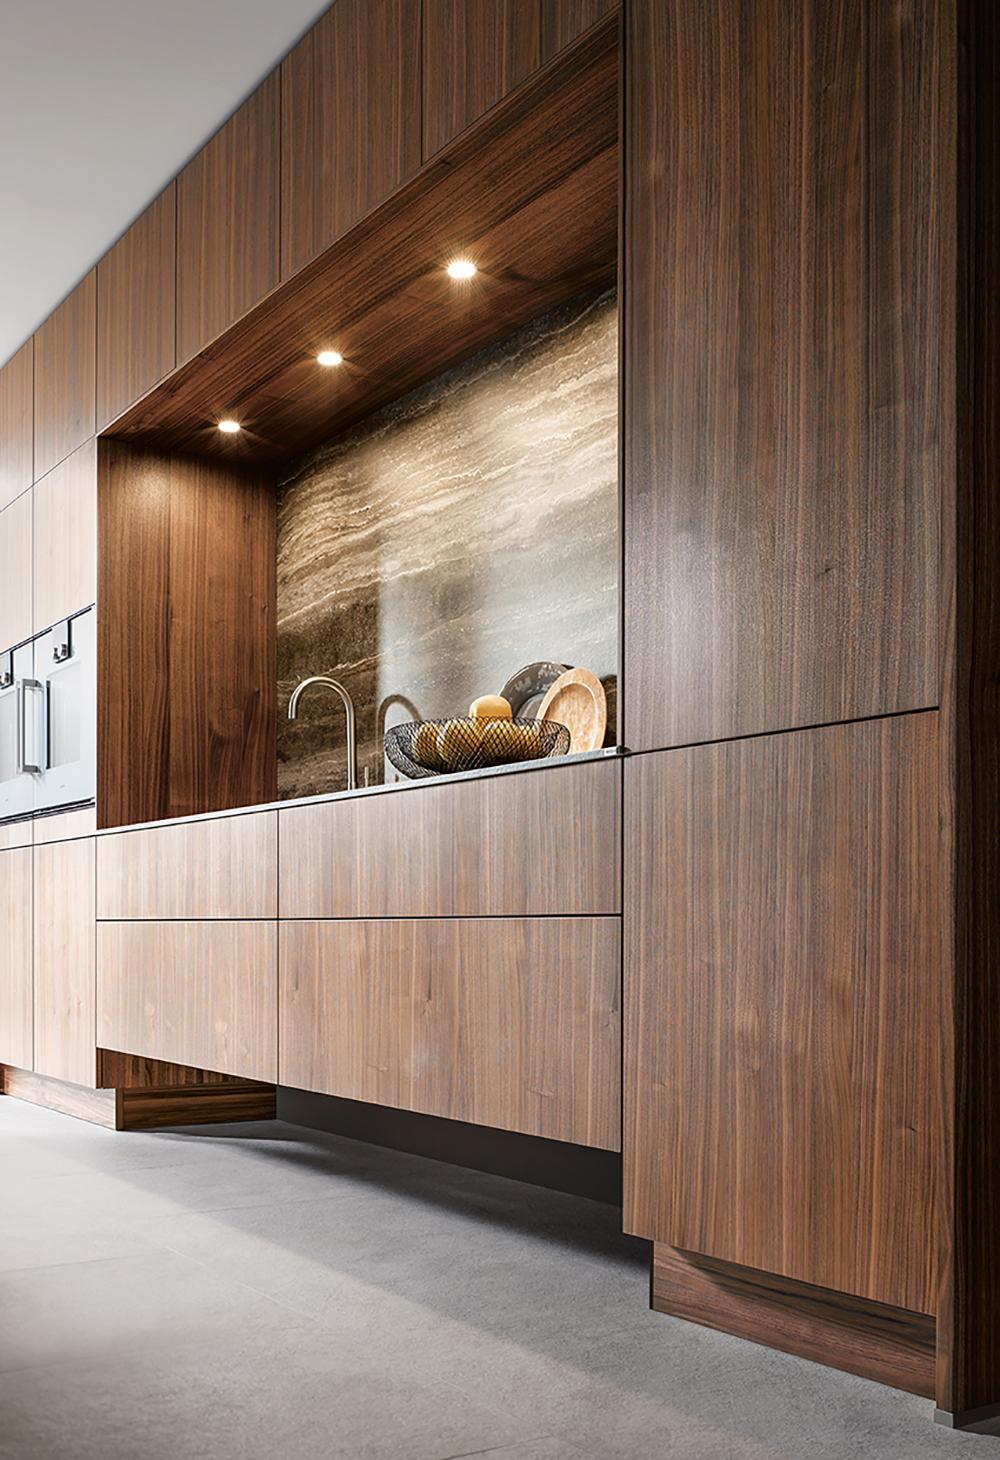 Rangements pour cuisine en bois next 125